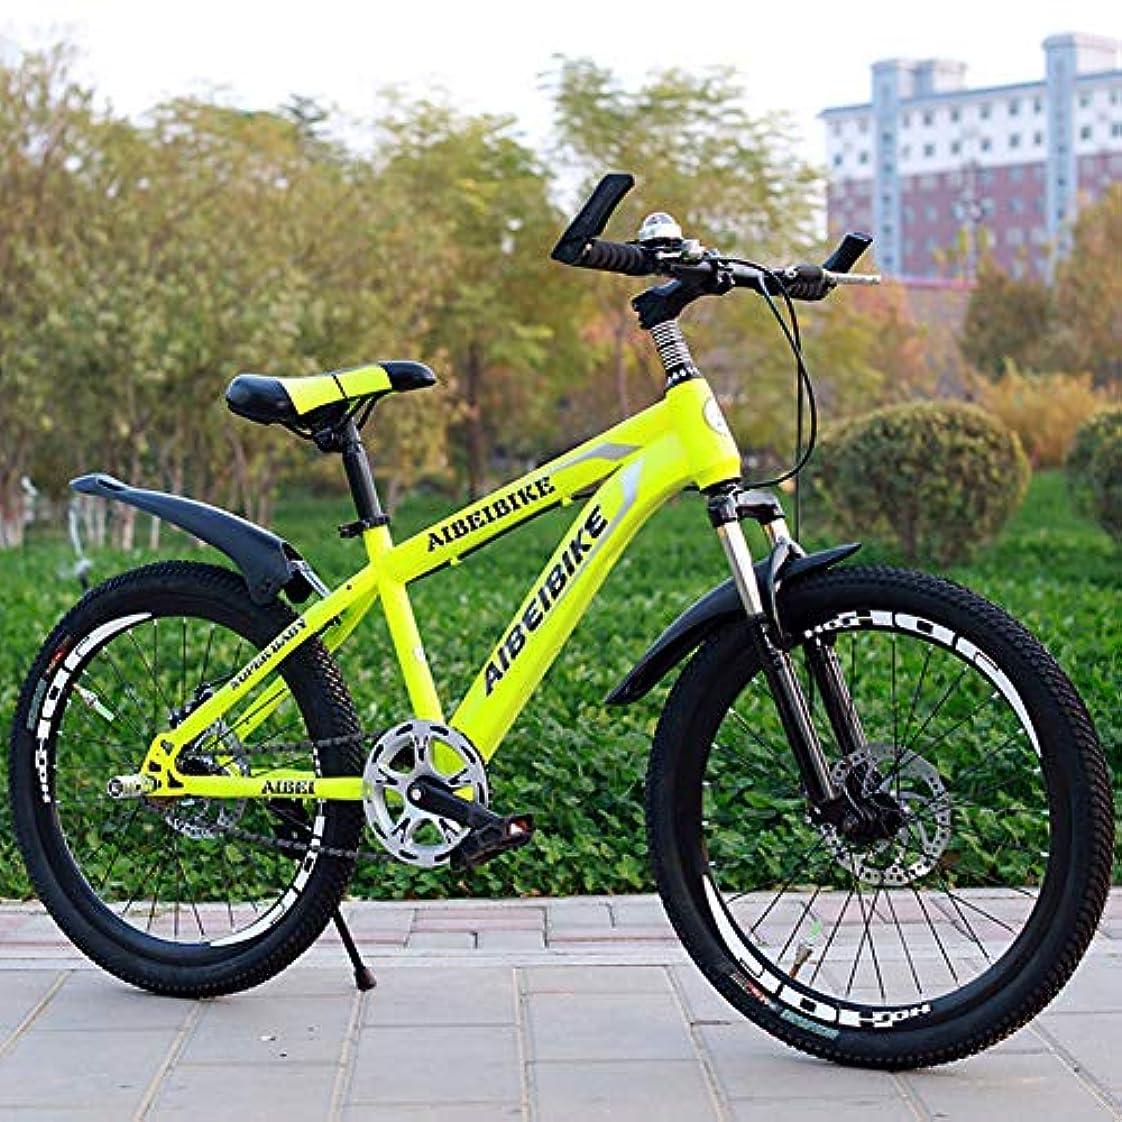 ネストつま先加入マウンテンバイク、21スピードマウンテンバイク男性と女性のロードバイク夏の旅行アウトドア自転車学生自転車ダブルショックディスクブレーキスピード調整可能な自転車,イエロー,26 Inch